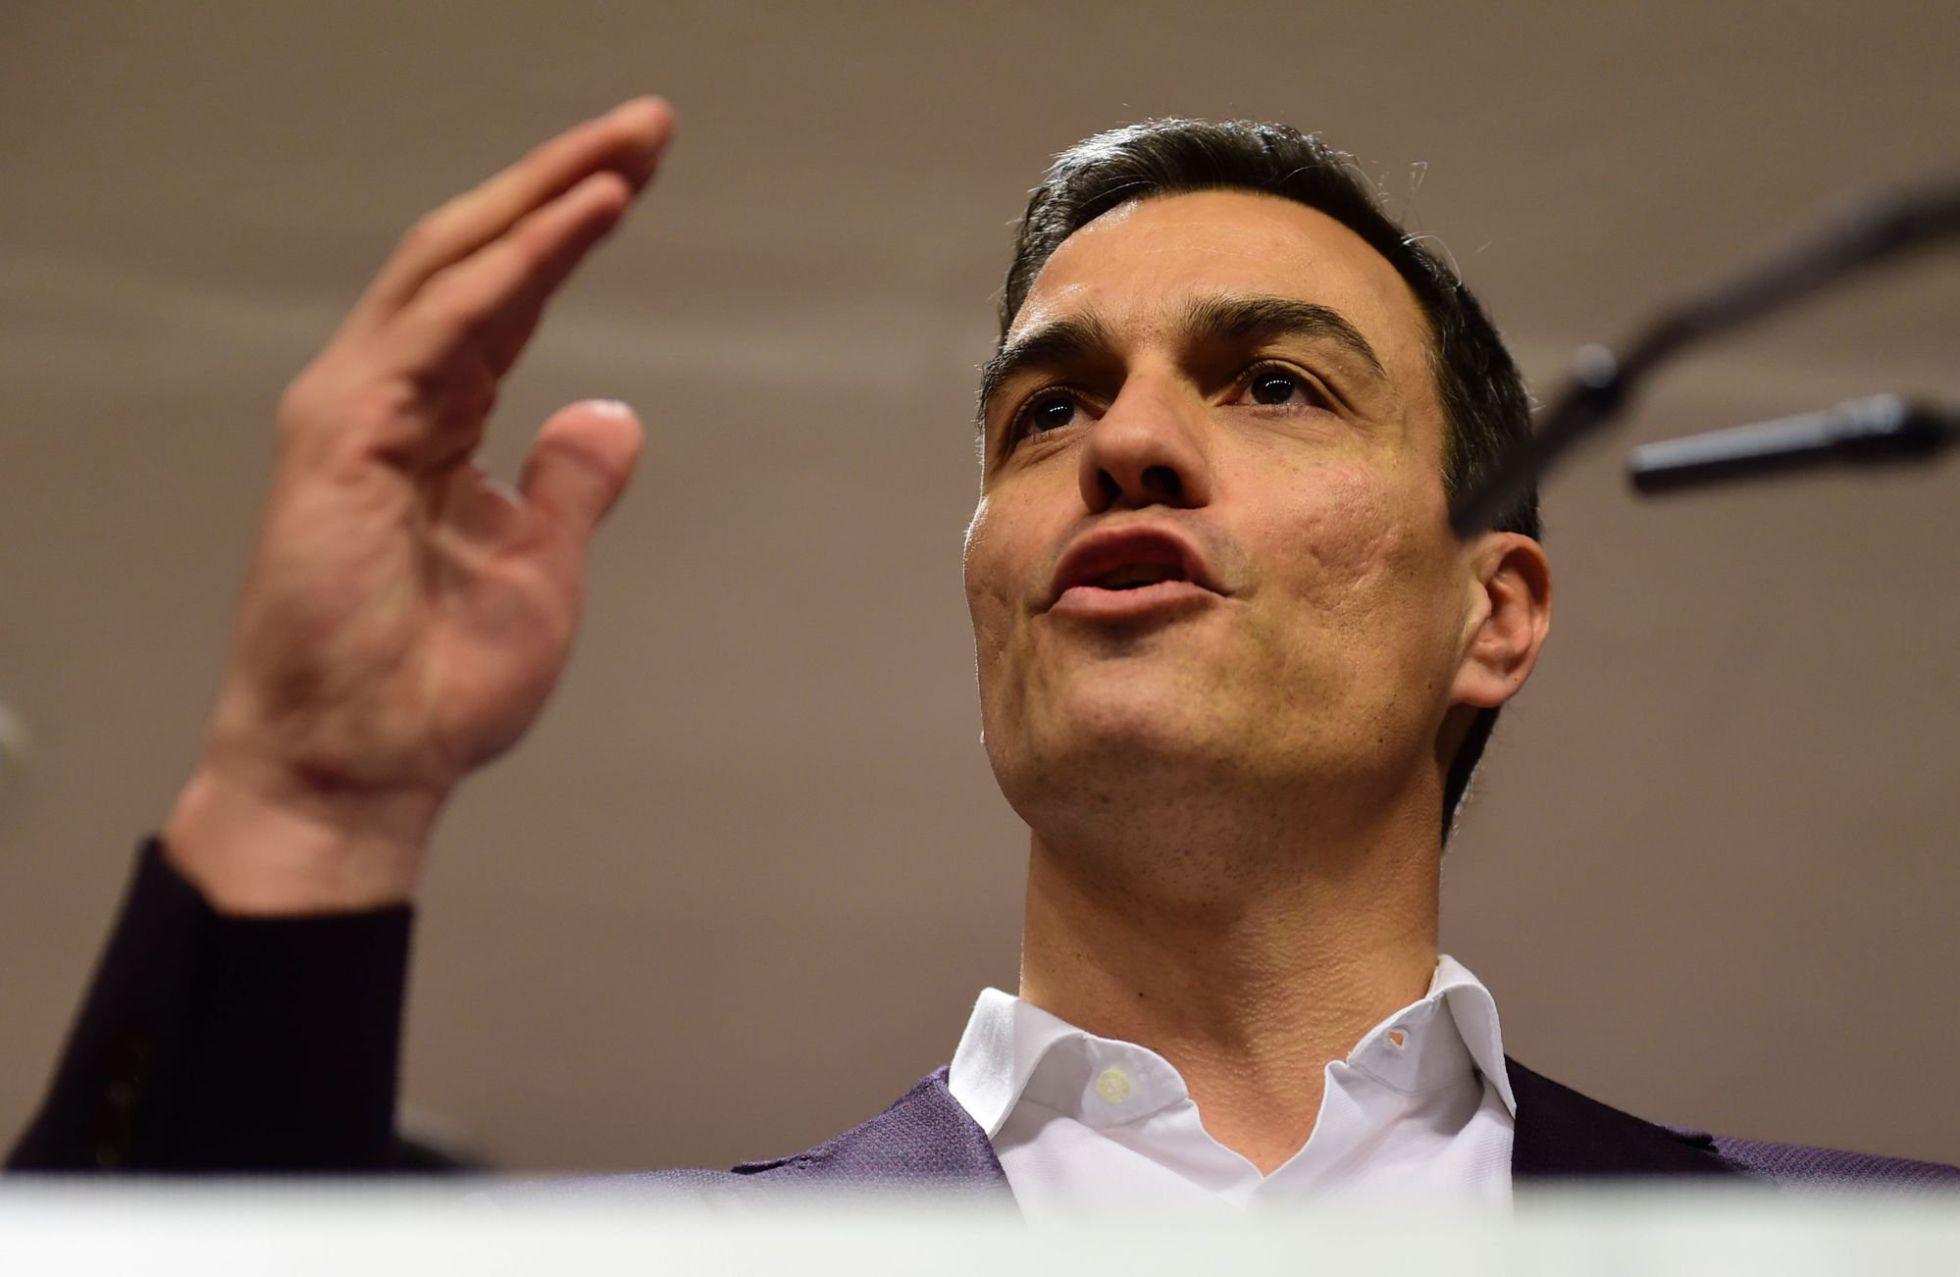 El dilema del PSOE consiste en que si se alía con el PP se lo merendará Podemos, y si pacta con Podemos…también